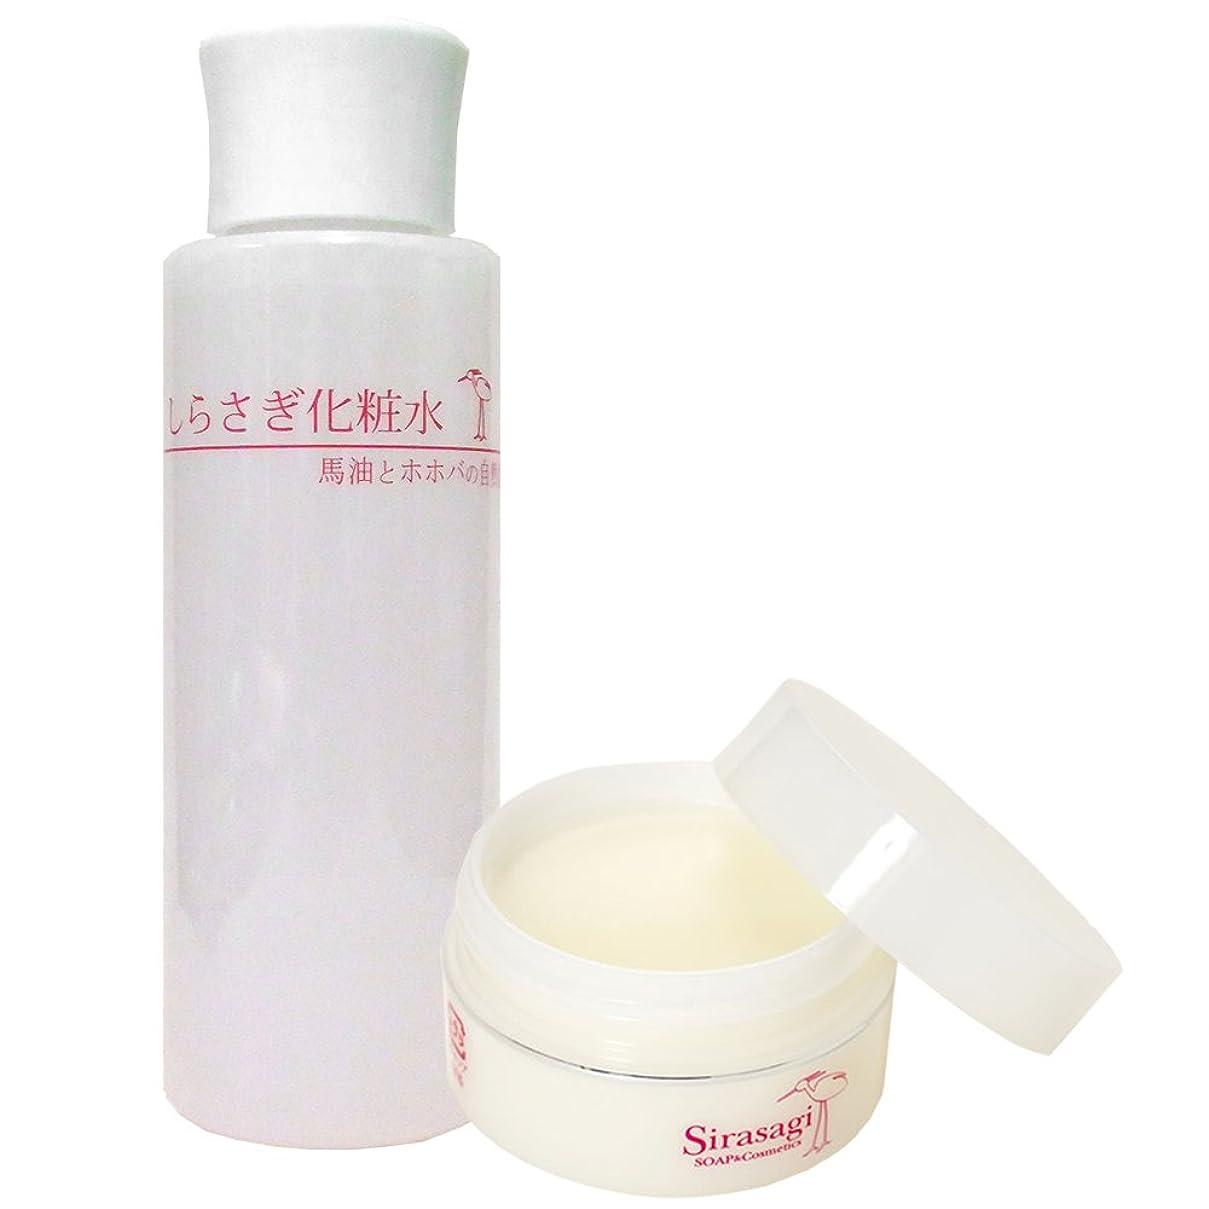 服を洗うわずらわしい文房具しらさぎクリーム(無香料)と新しらさぎ化粧水のセット